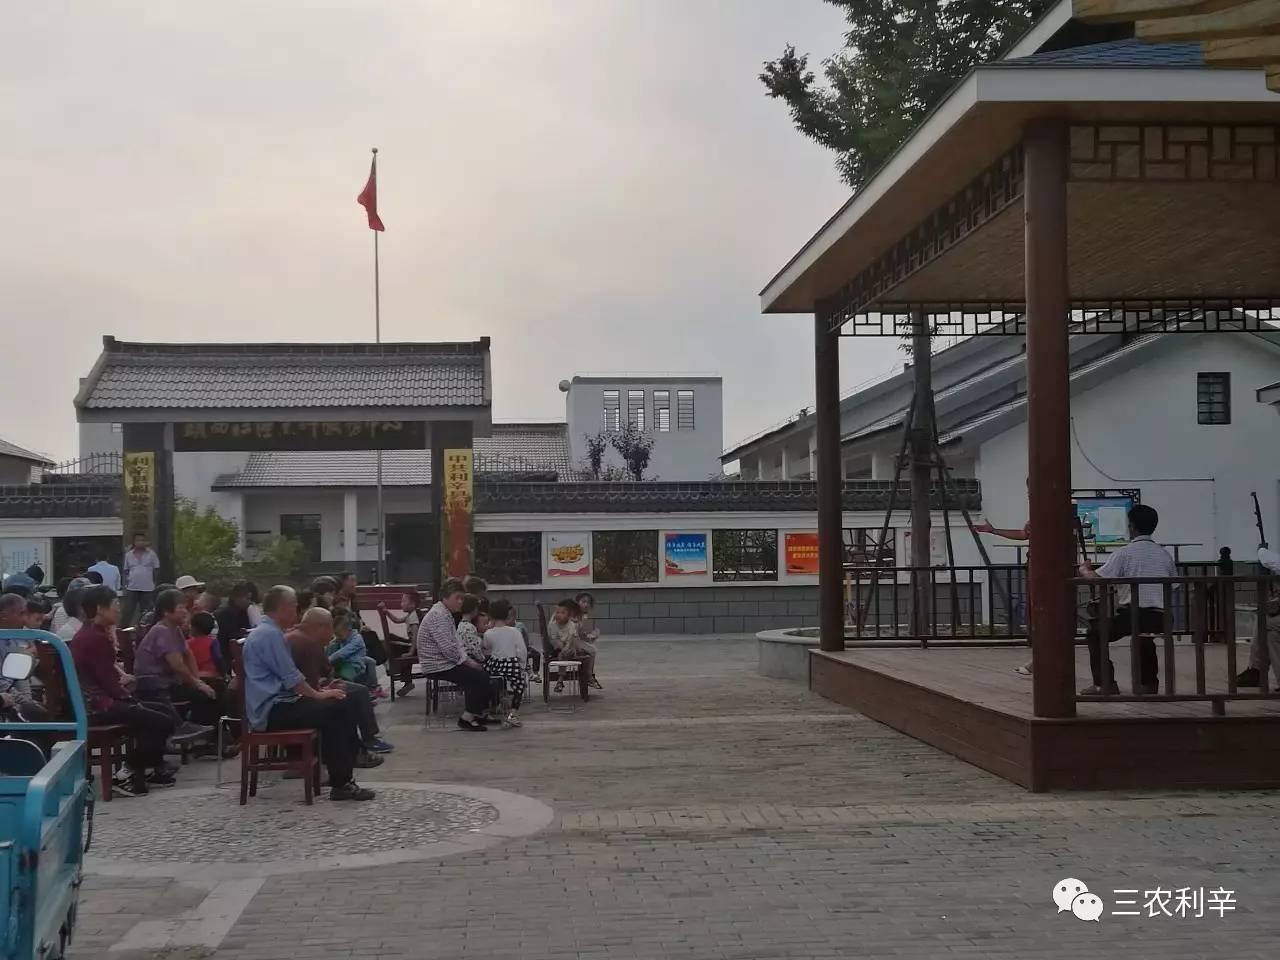 利辛县阚疃镇地图